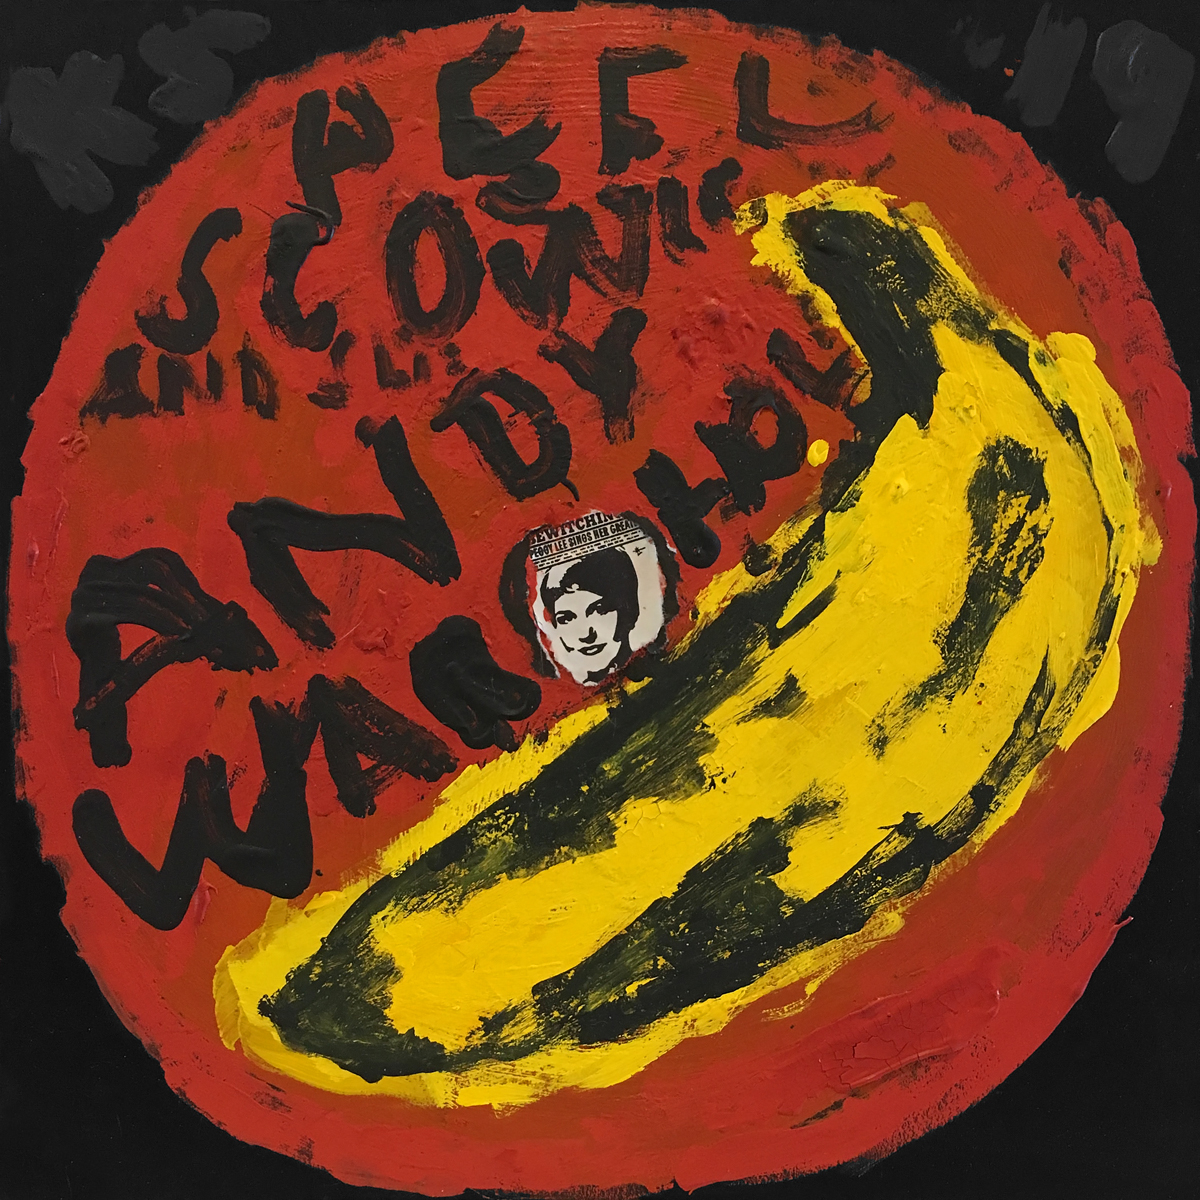 Velvet Underground / Andy Warhol (Rust)